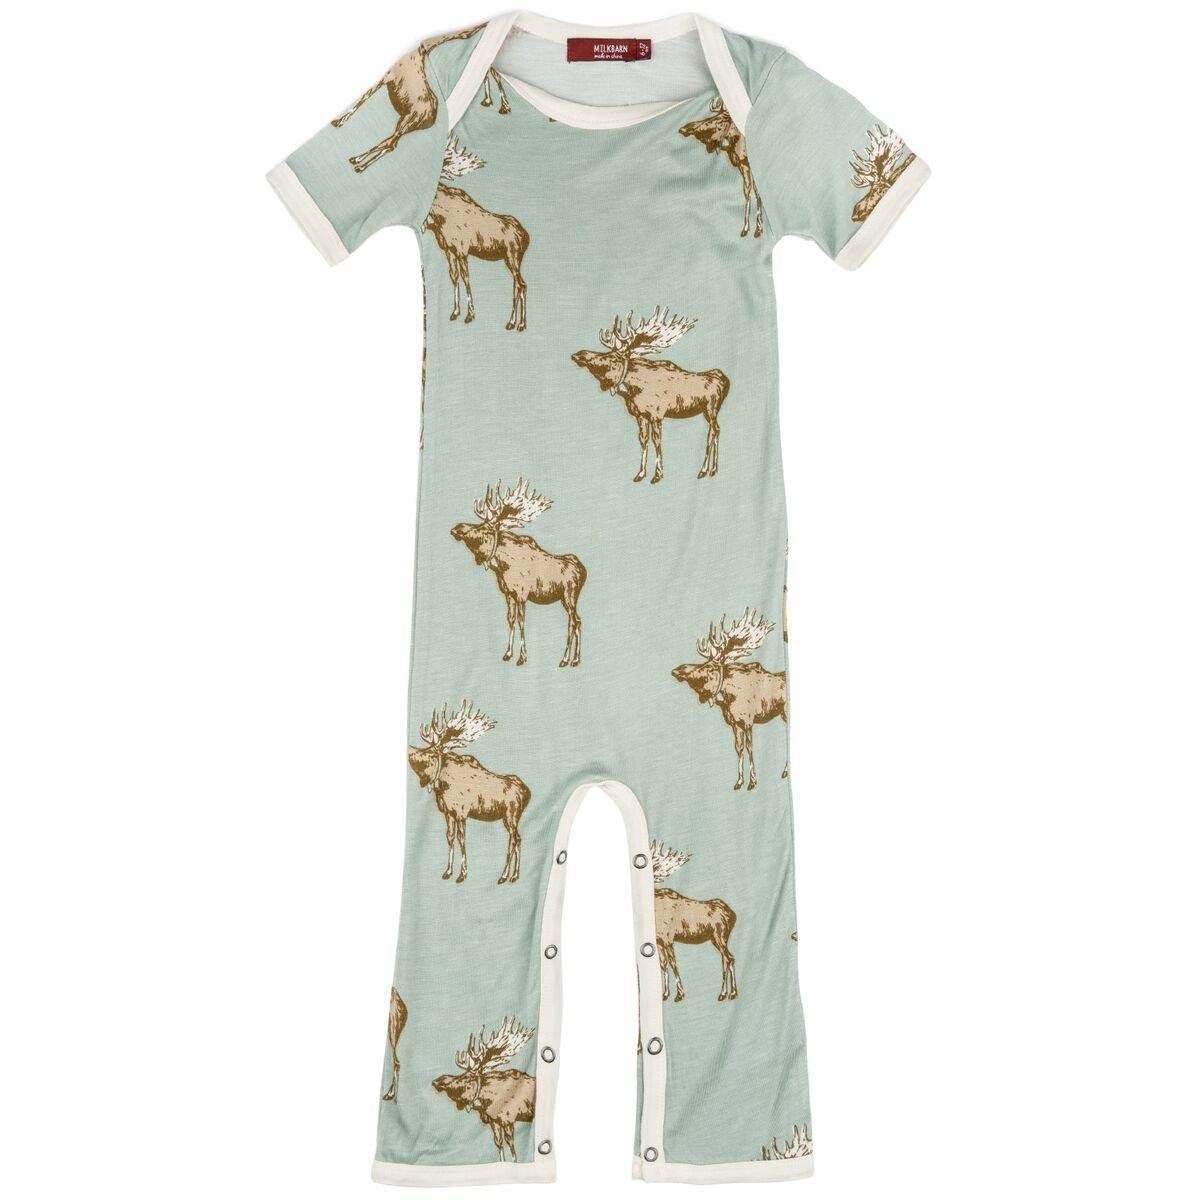 MilkBarn Short Sleeve Bamboo Baby Romper Blue Moose